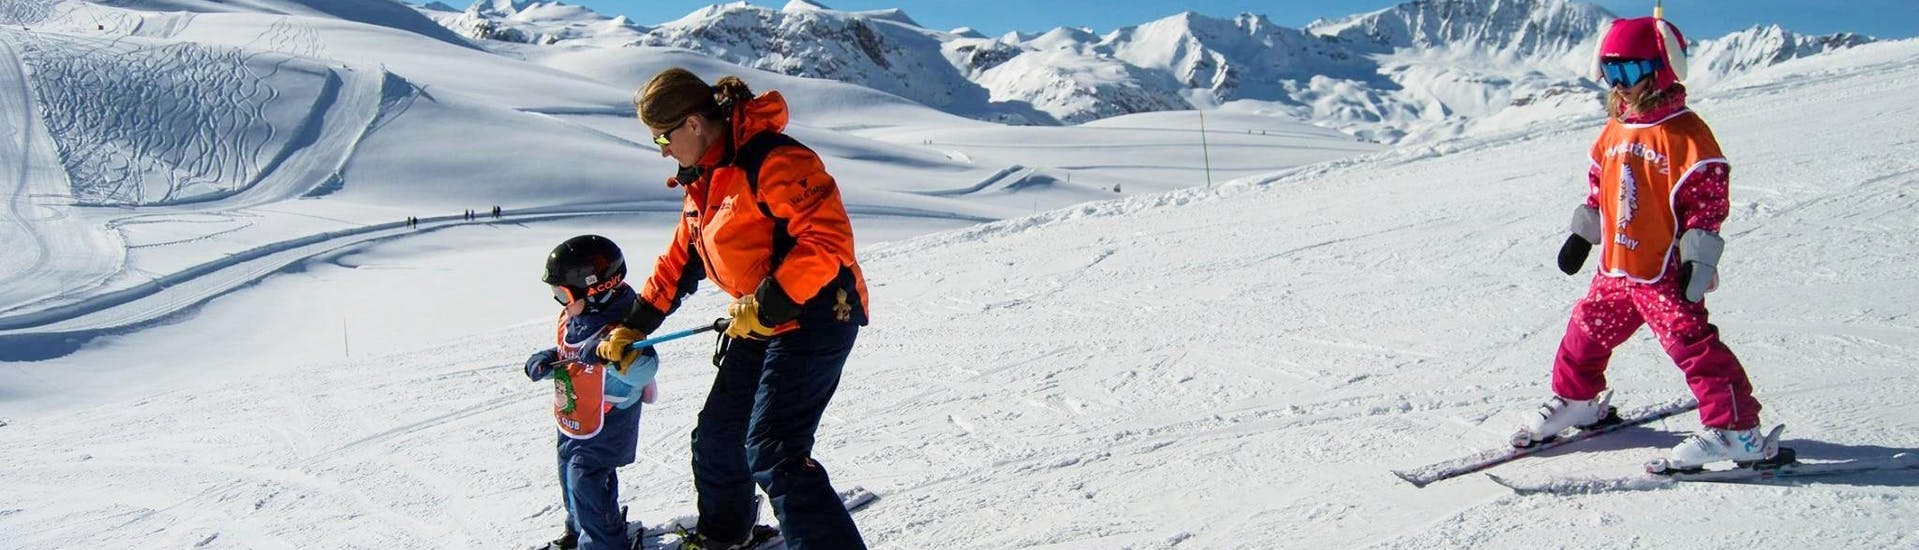 Des enfants apprennent à skier avec l'aide de leur moniteur de ski de l'école de ski Evolution 2 Val d'Isère pendant leur Cours de ski pour Enfants (3-5 ans) - Morning - Débutant.